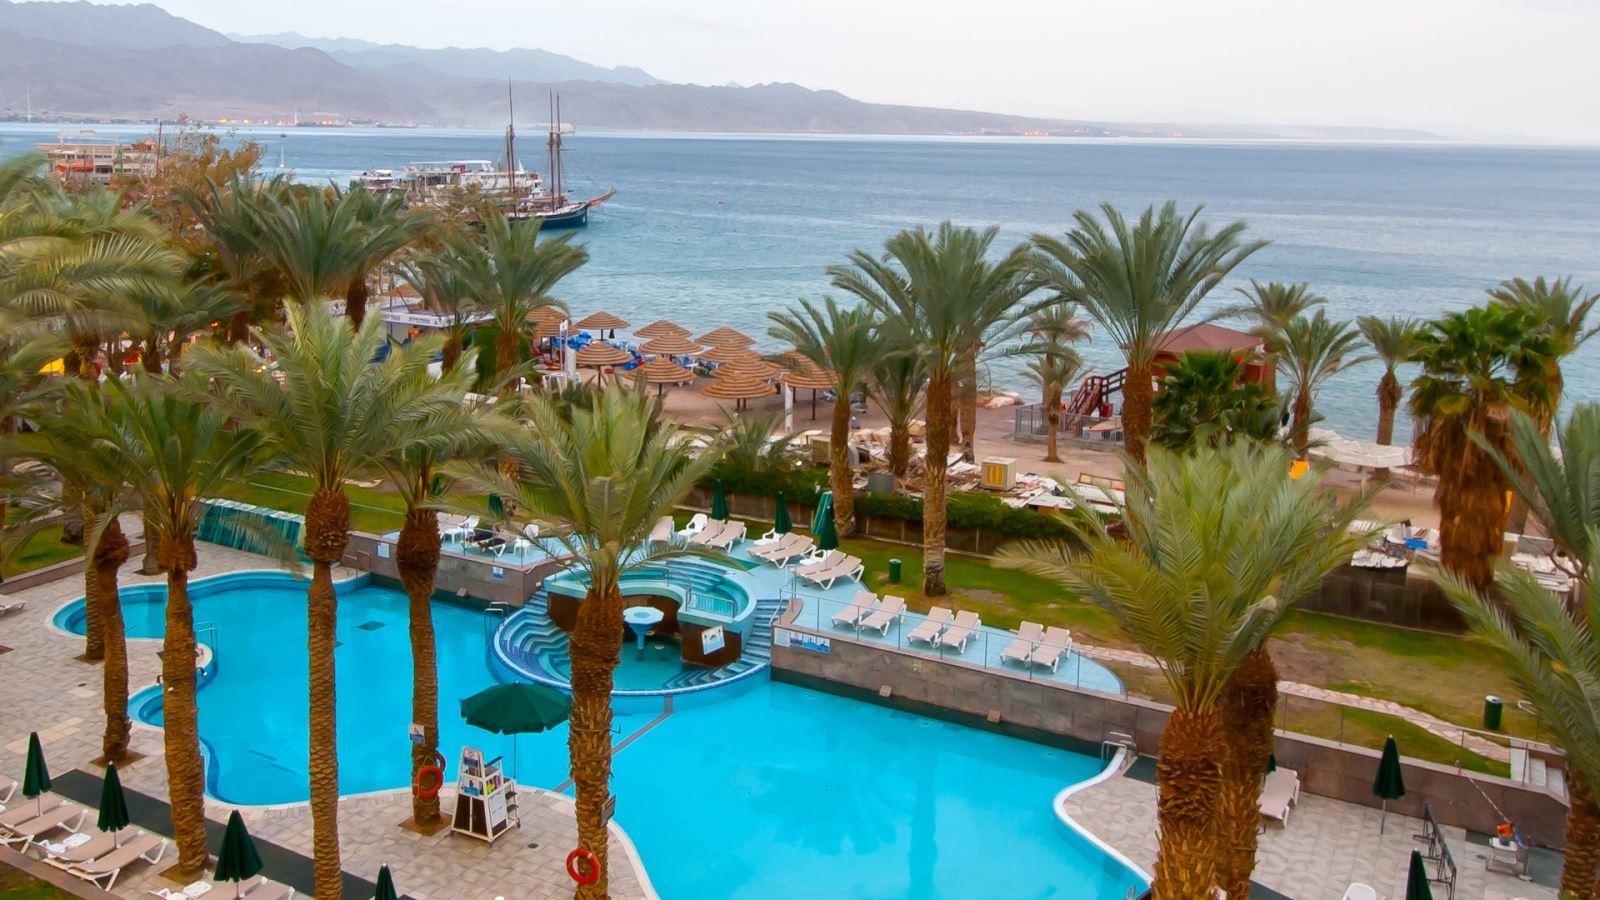 מזמינים חופשה במלון לאונרדו פלאזה אילת ב-50% הנחה!